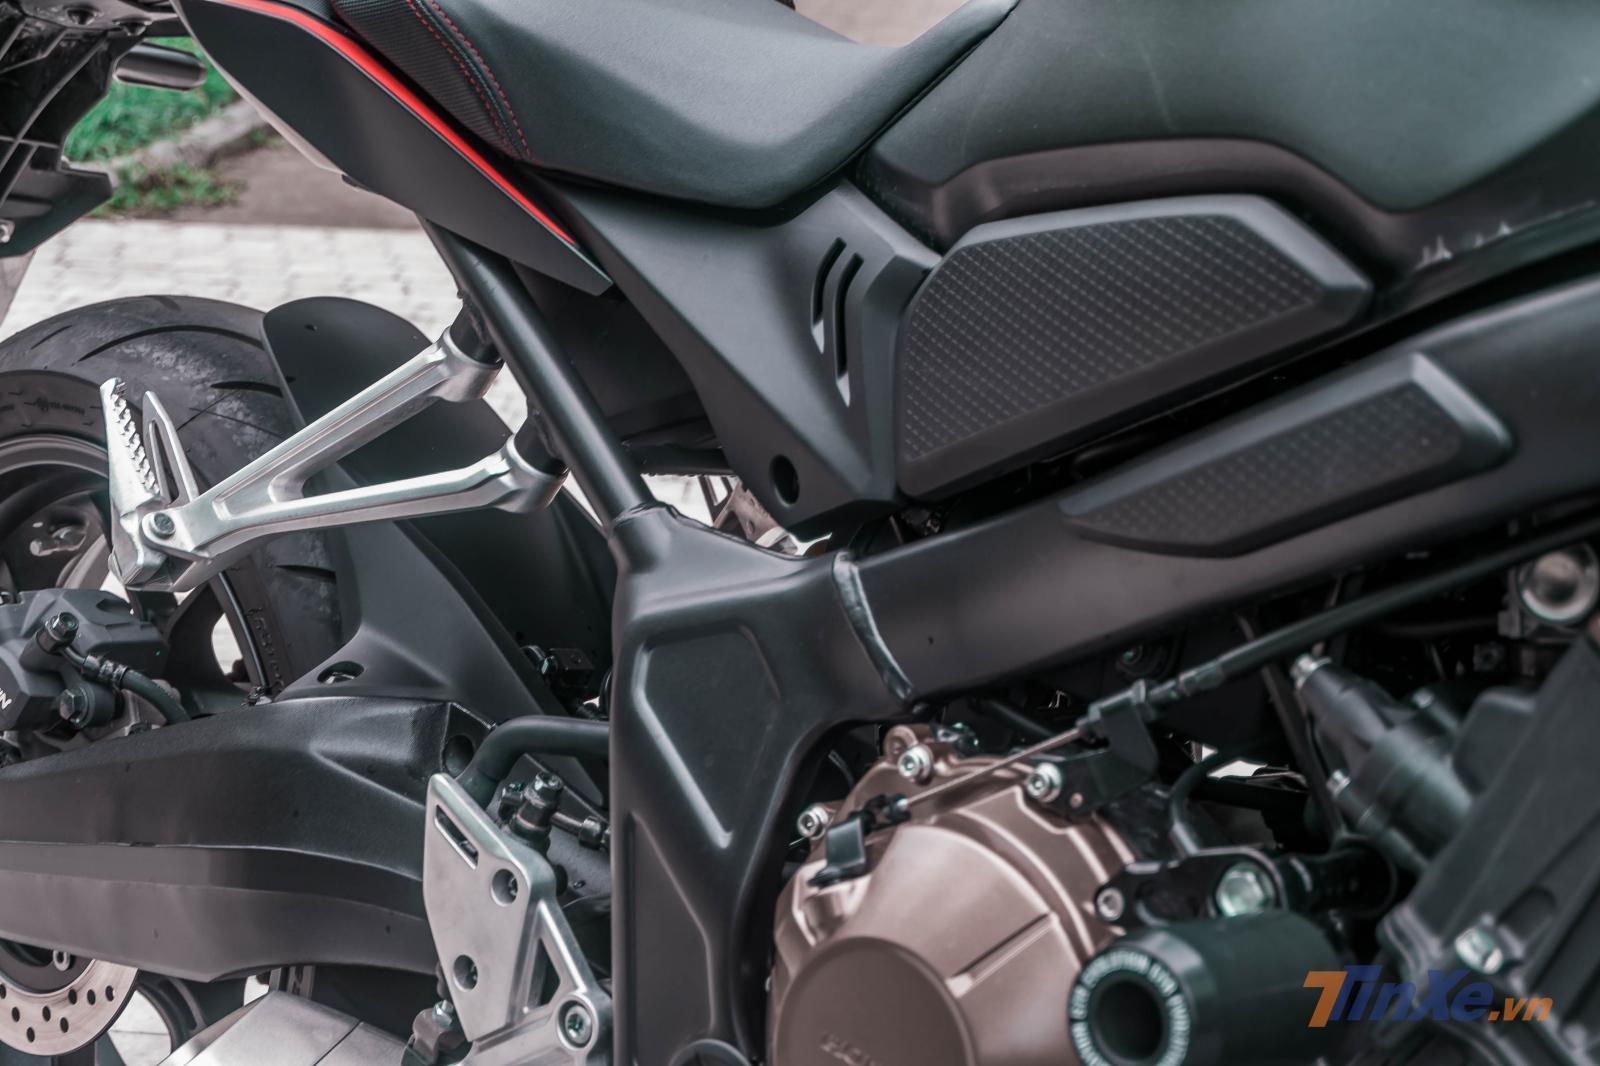 Honda CBR650R 2019 mang vẻ đẹp hoàn mỹ và cố máy đỉnh cao